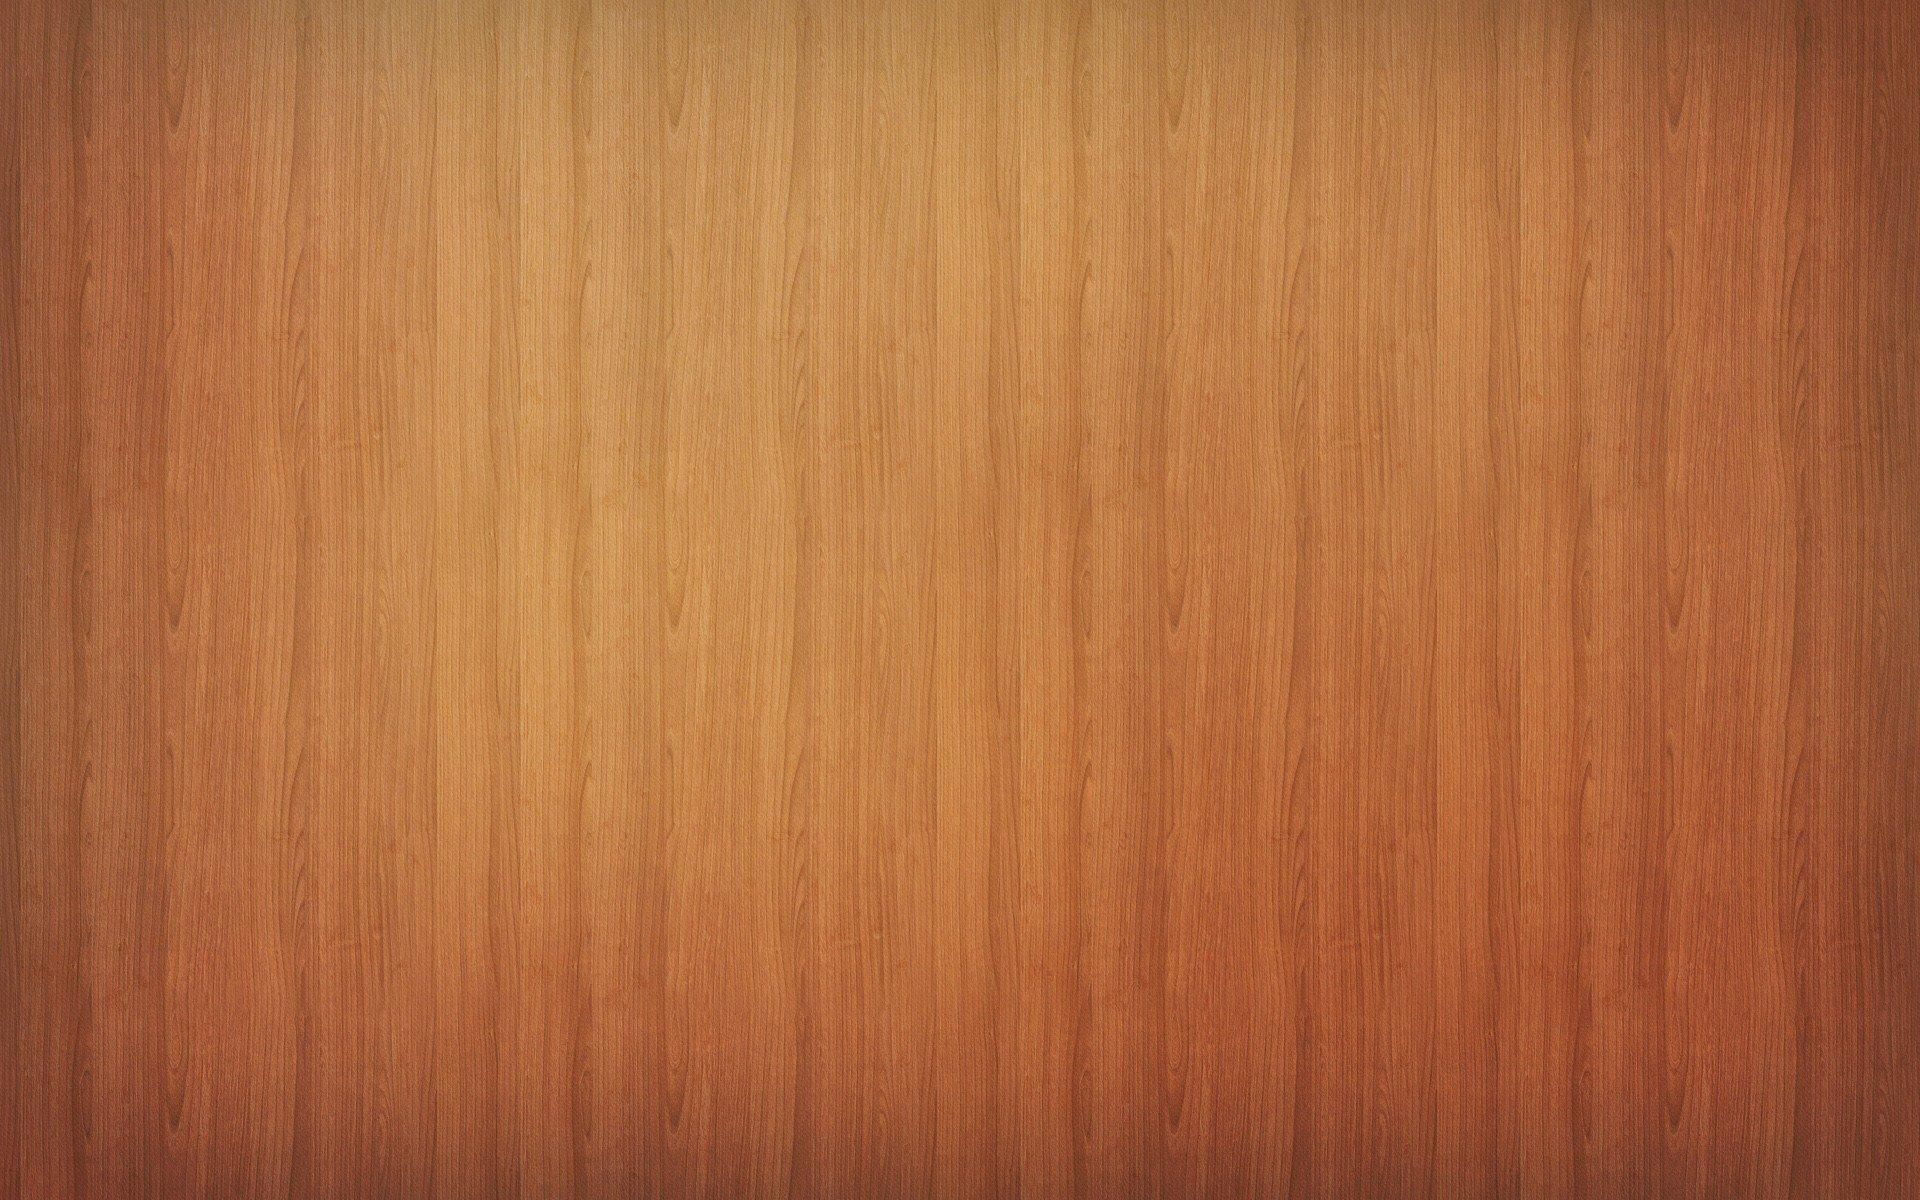 Wallpaper Textura de madera Images